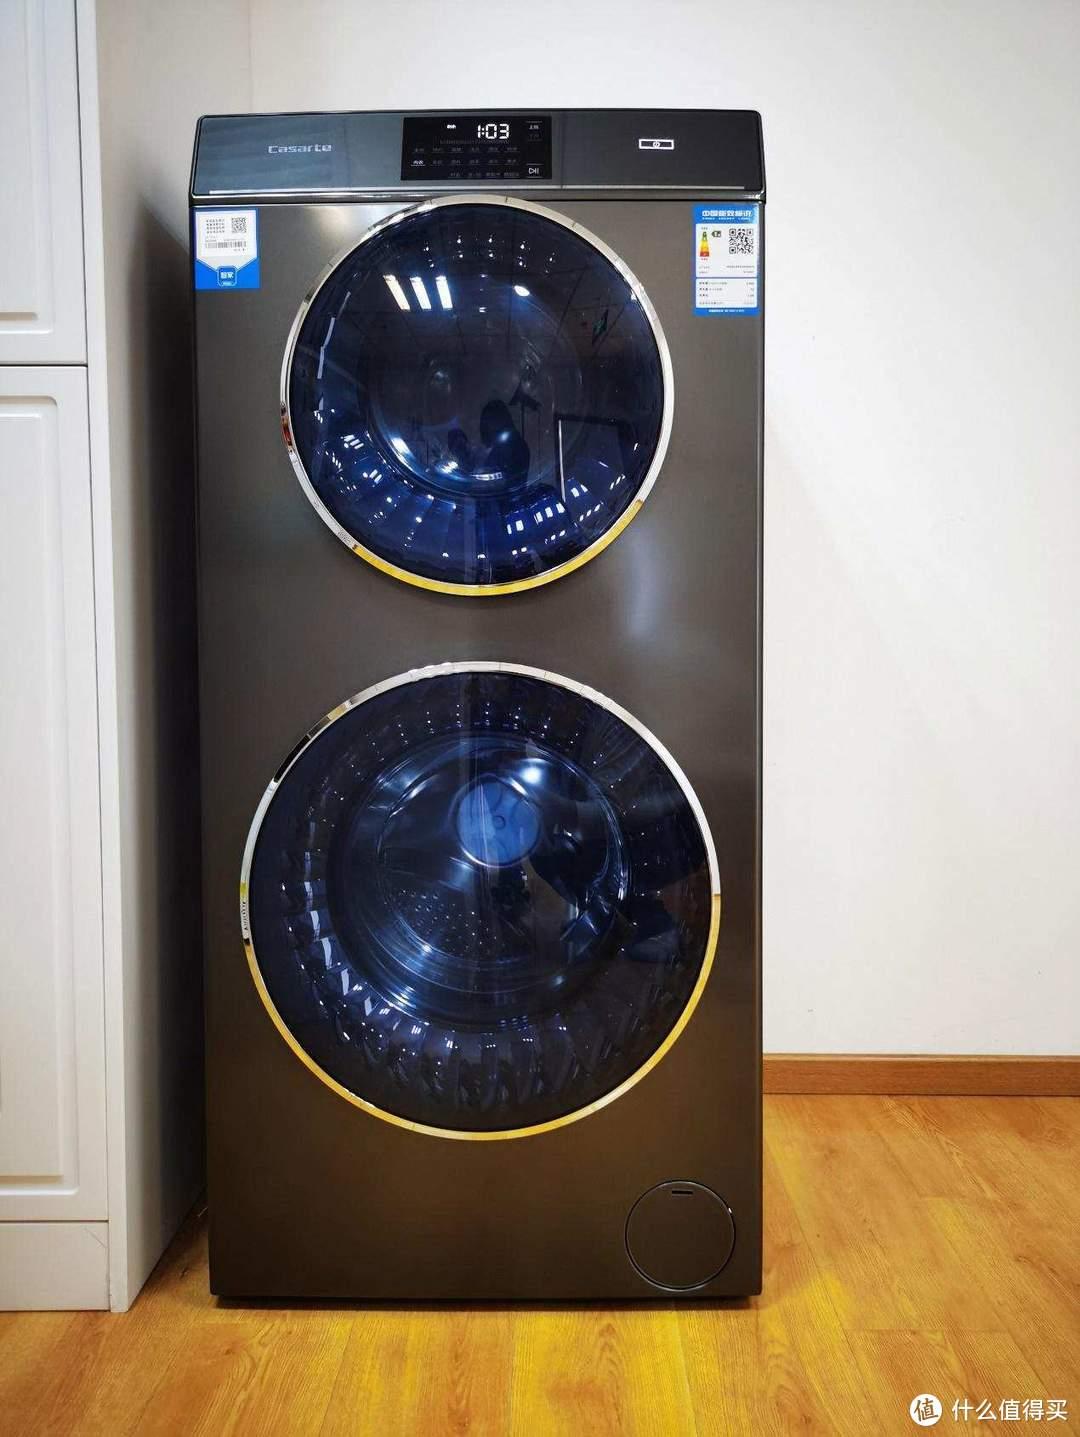 卡萨帝玉墨双子系列,精心分区,轻松洗护各种衣物